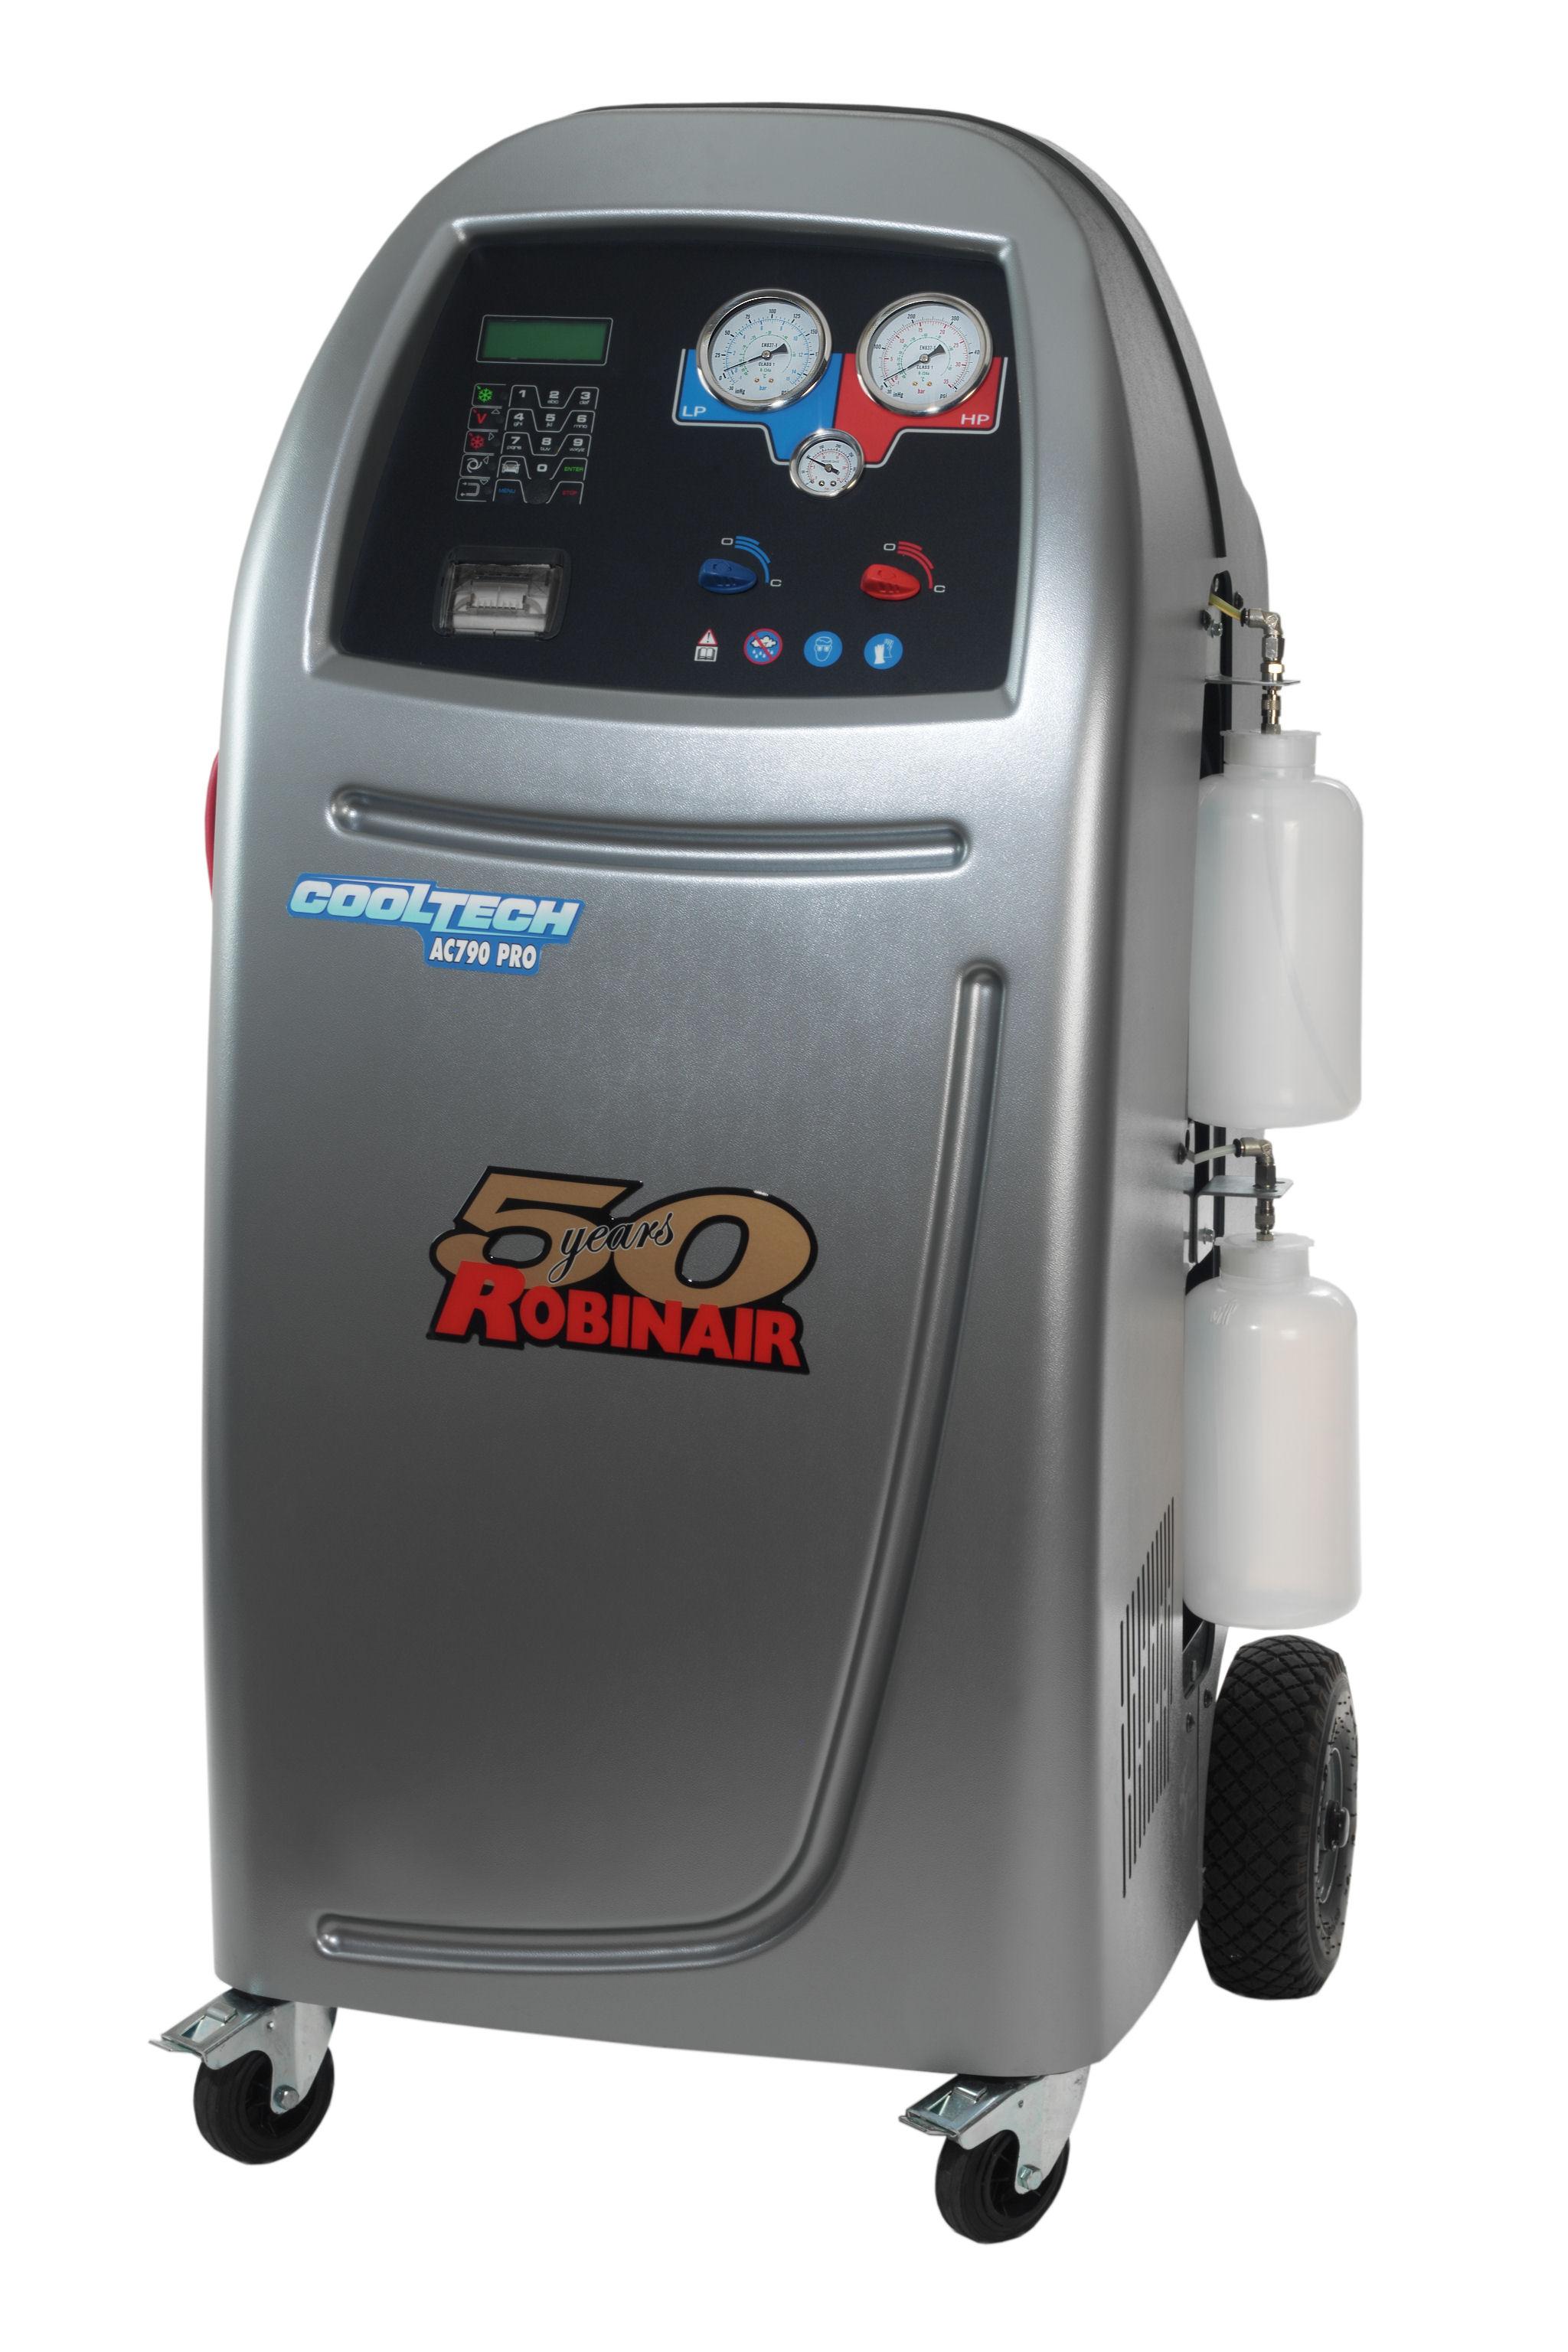 AC790 PRO